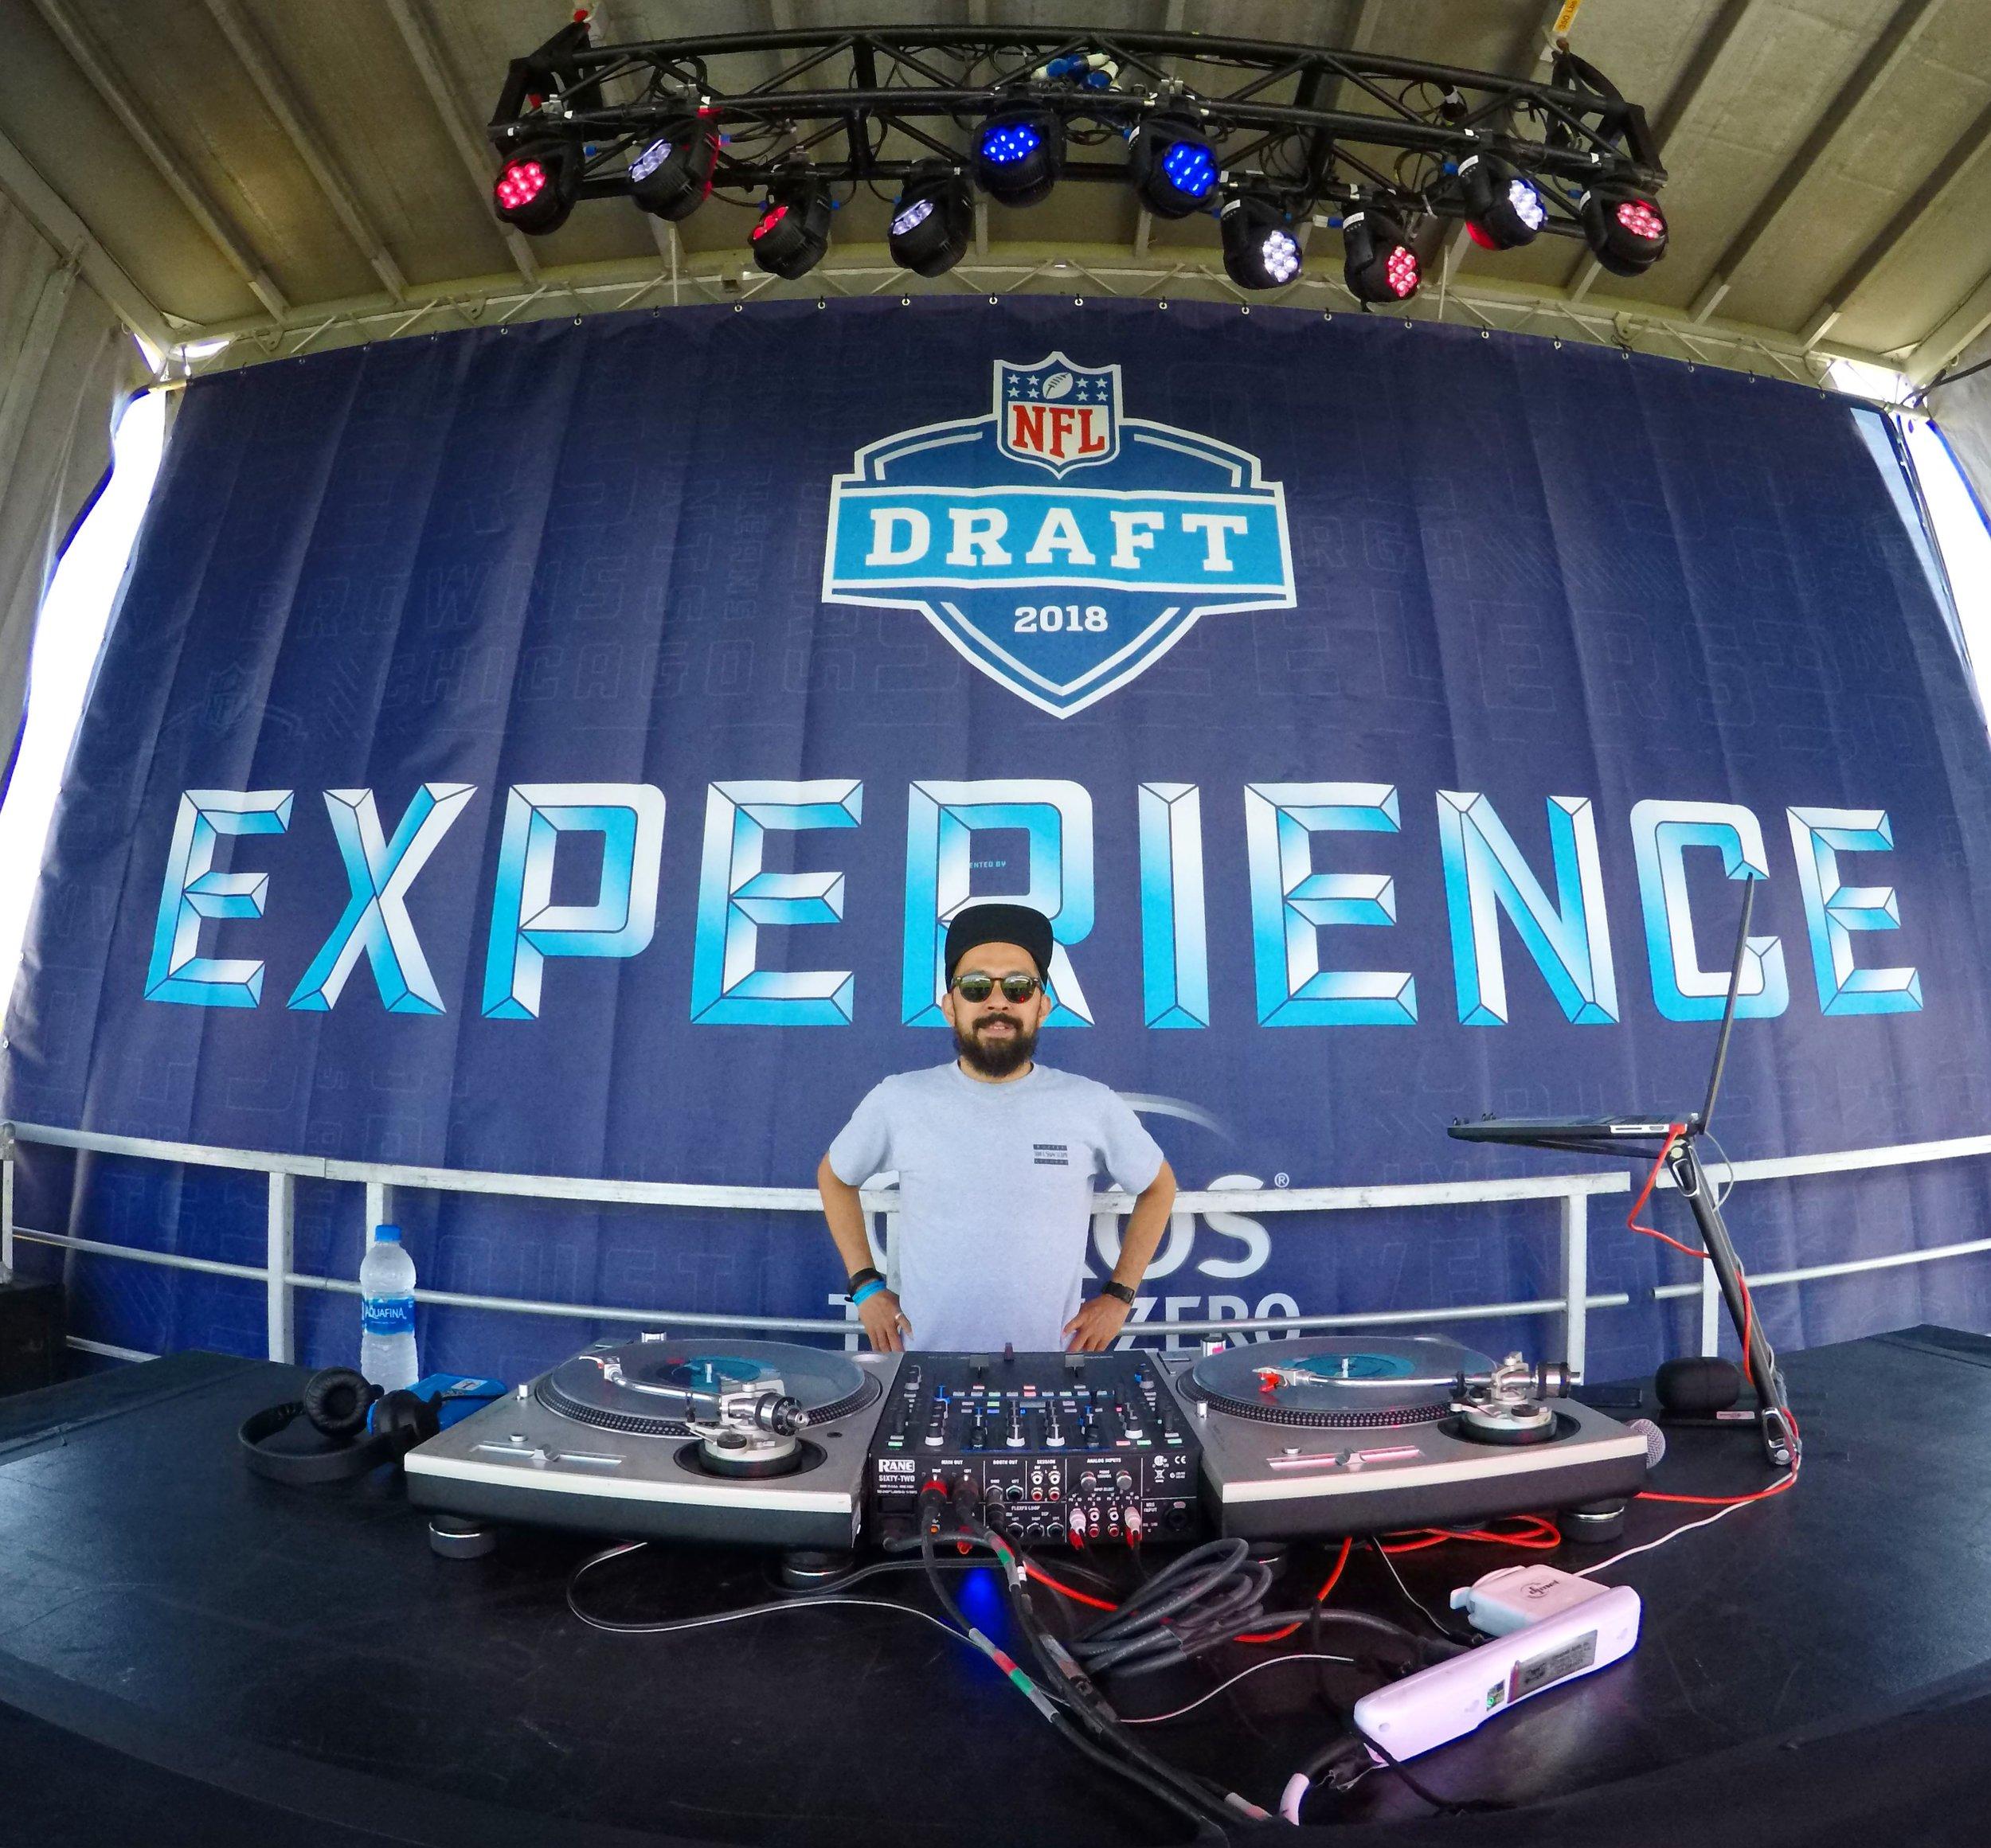 2018 NFL Draft - Dallas